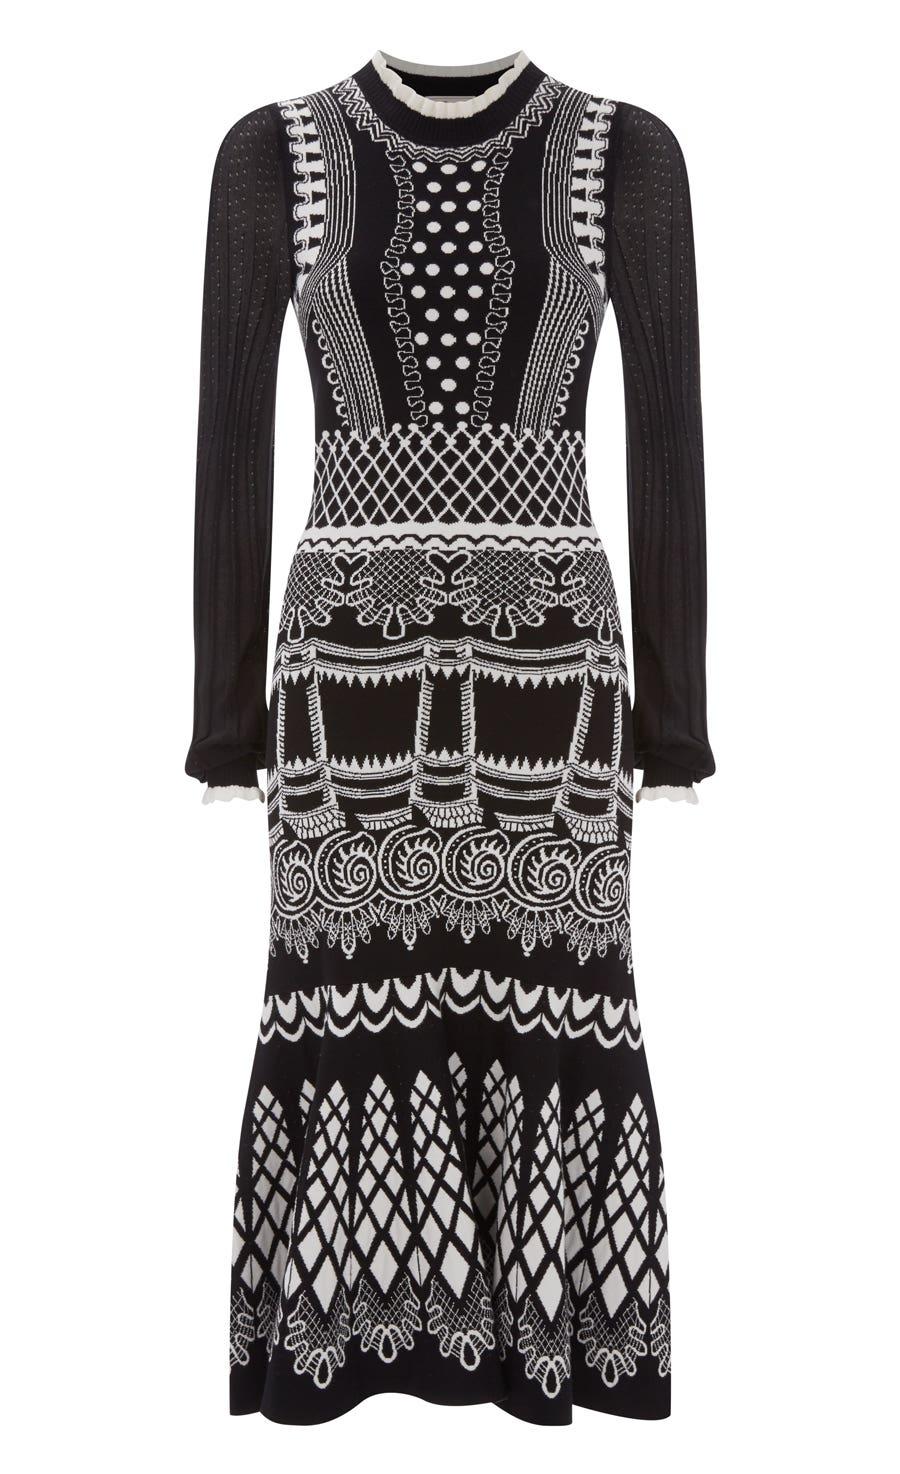 Silvermist Jacquard Knit Midi Dress, Black Mix